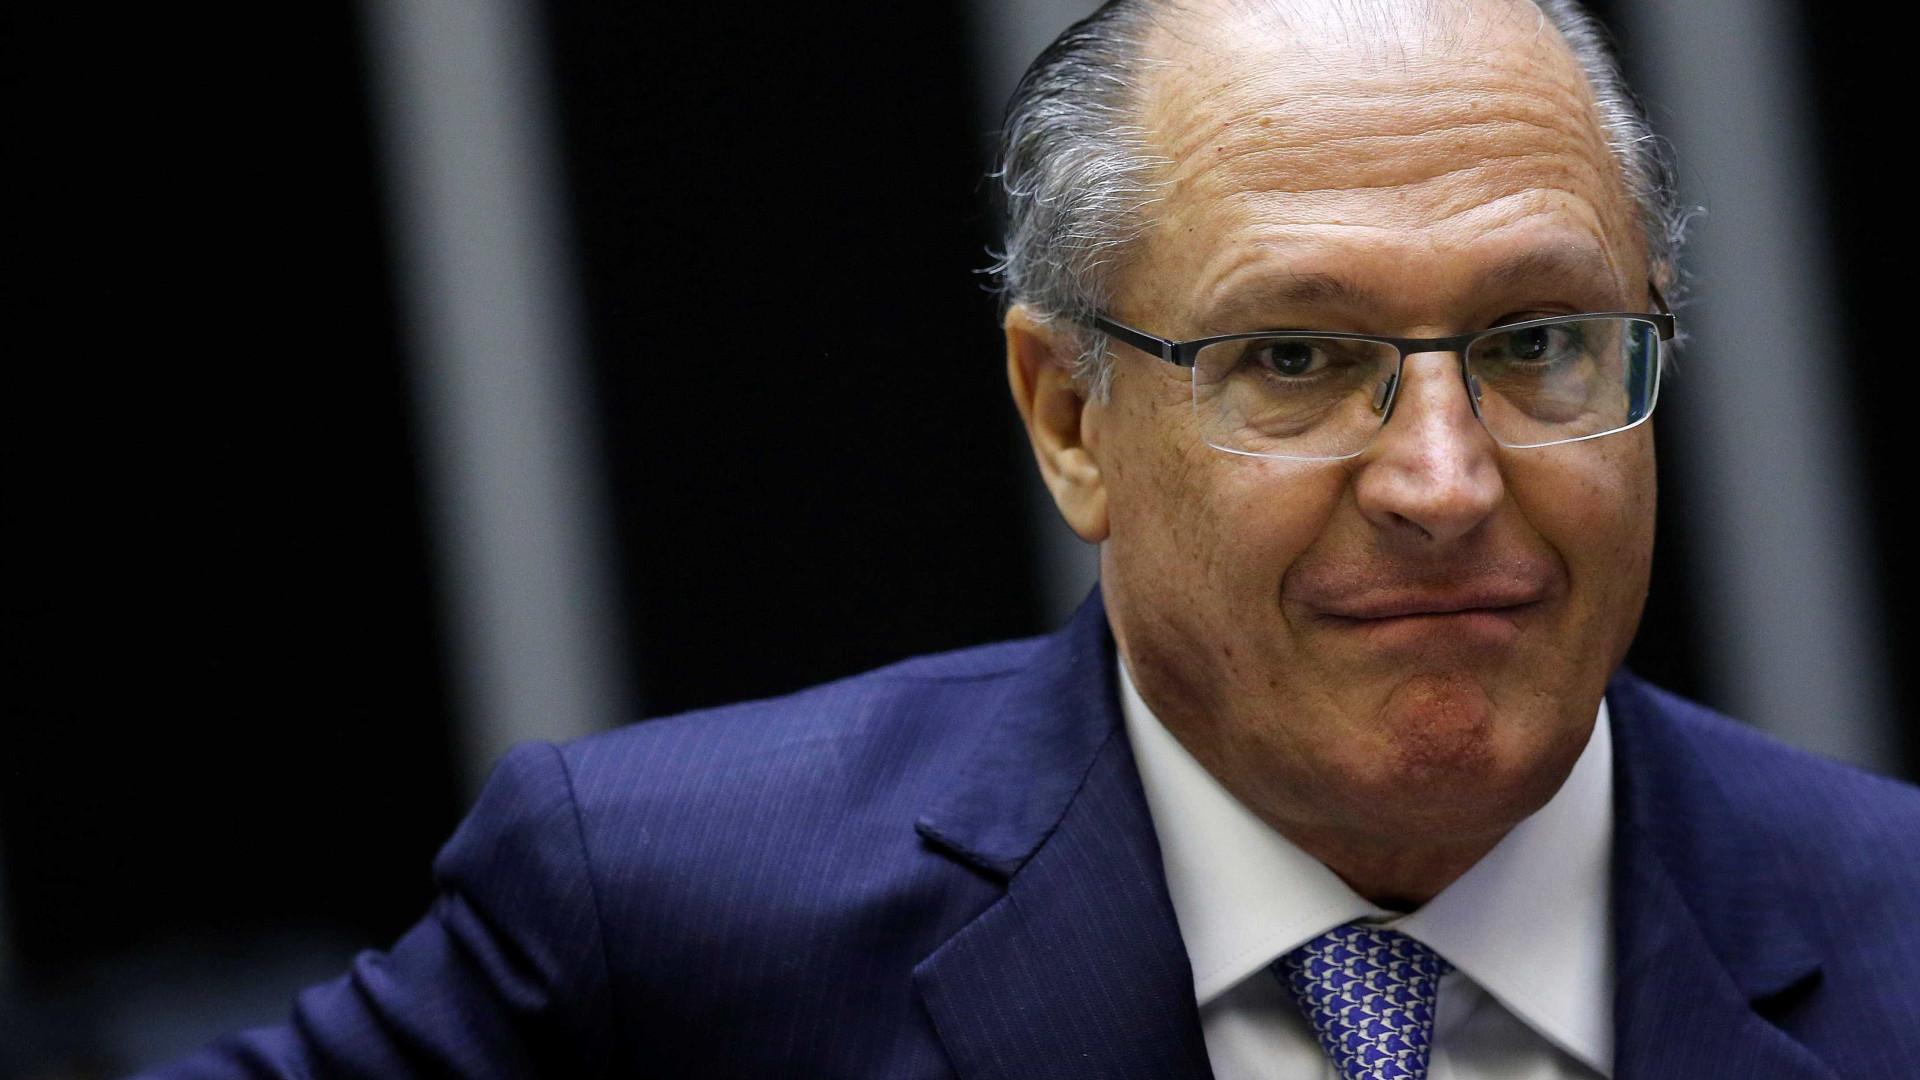 Alckmin e Serra são alvos de ação por supostas pedaladas fiscais